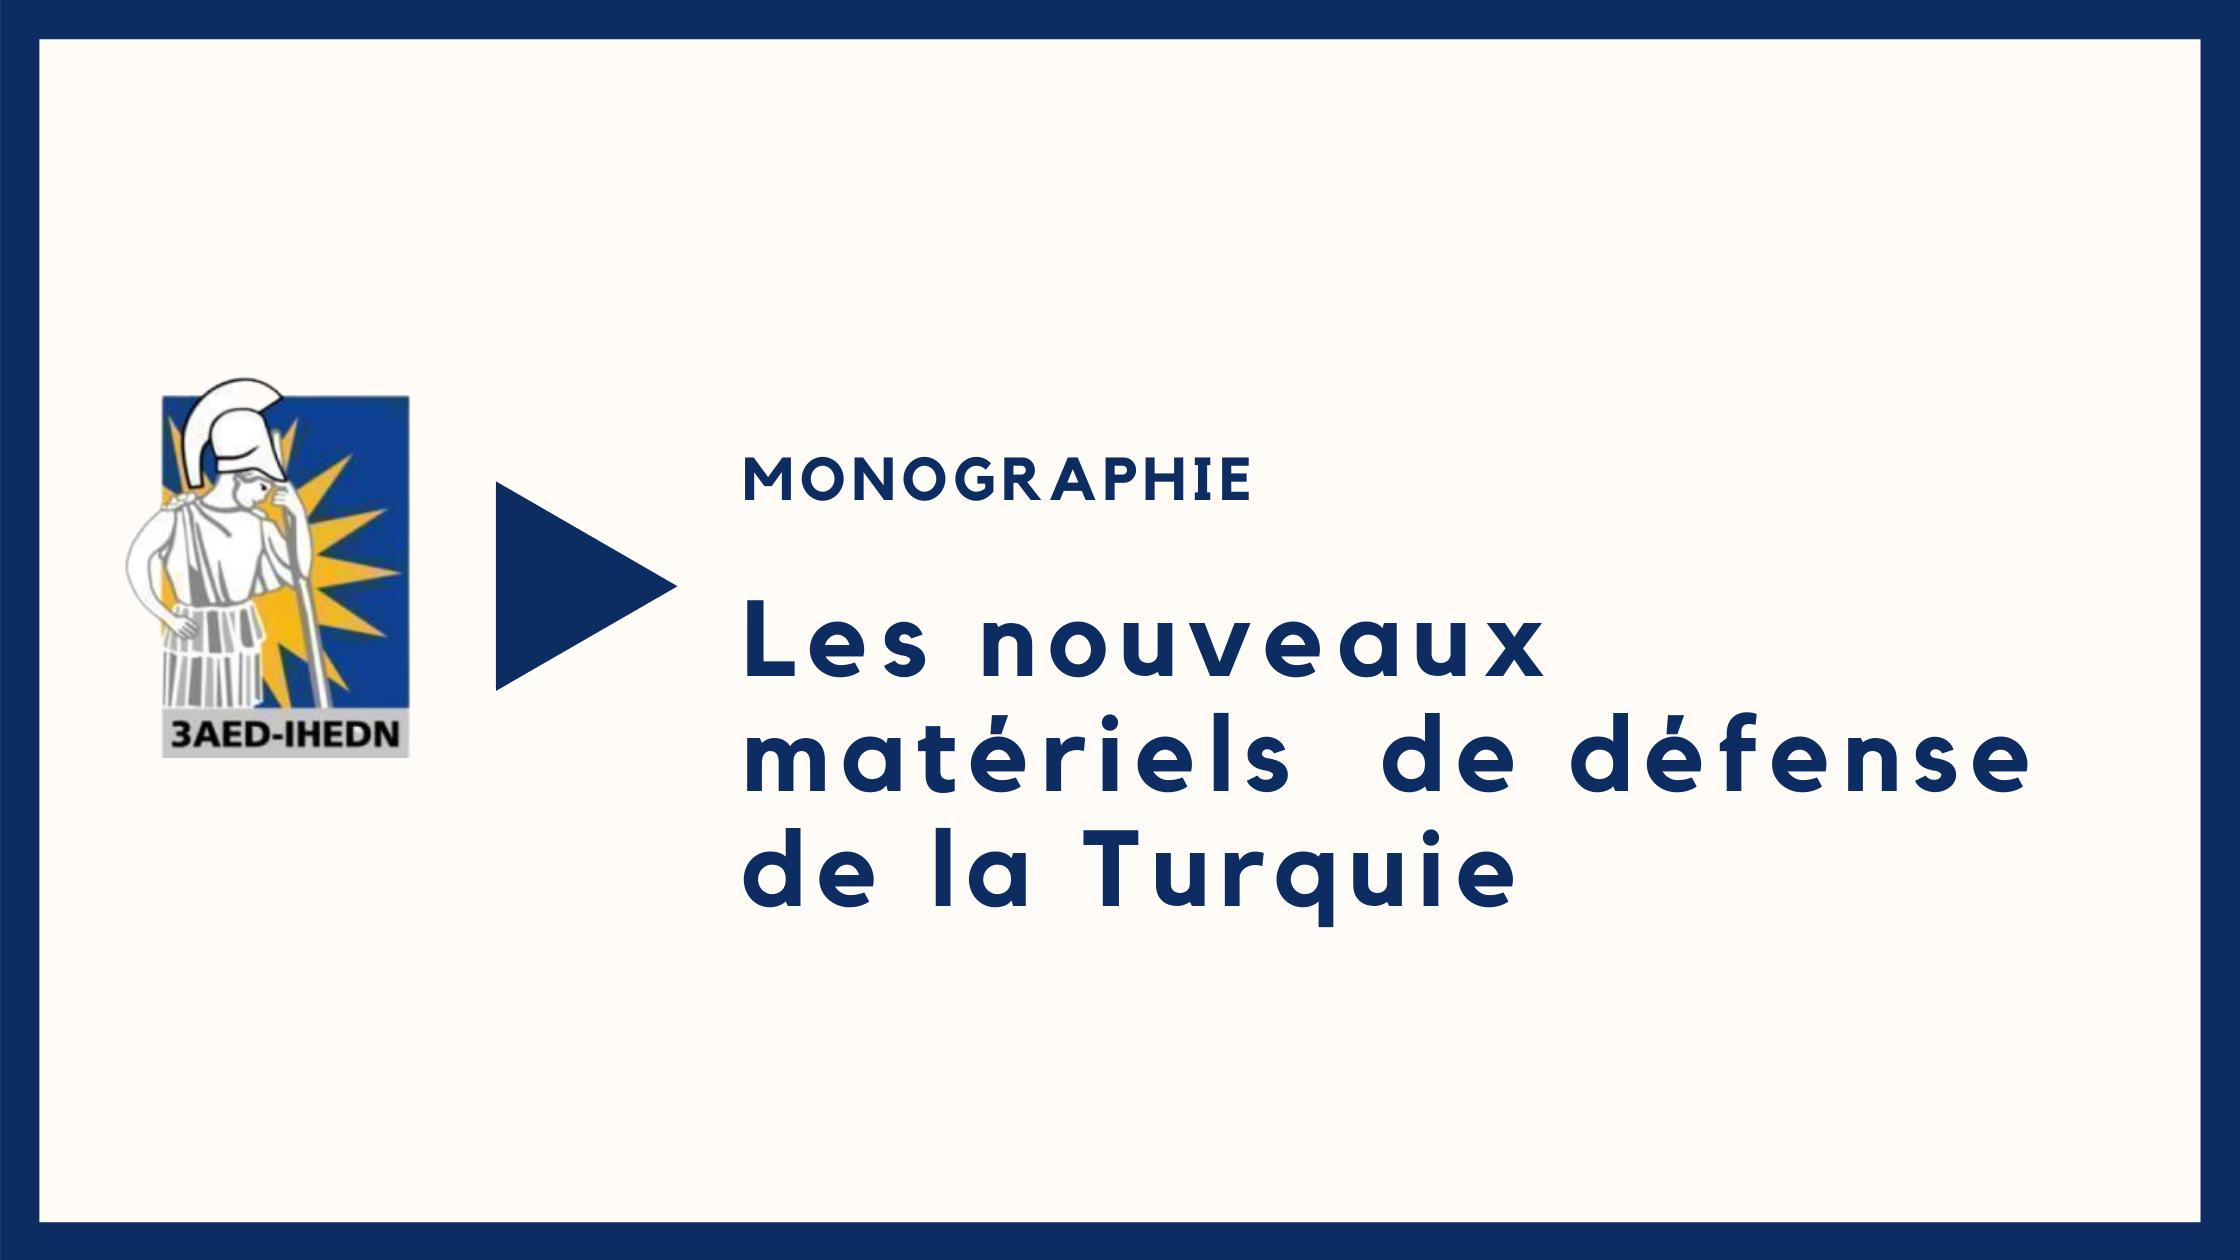 Monographie |Les nouveaux matériels  de défense de la Turquie